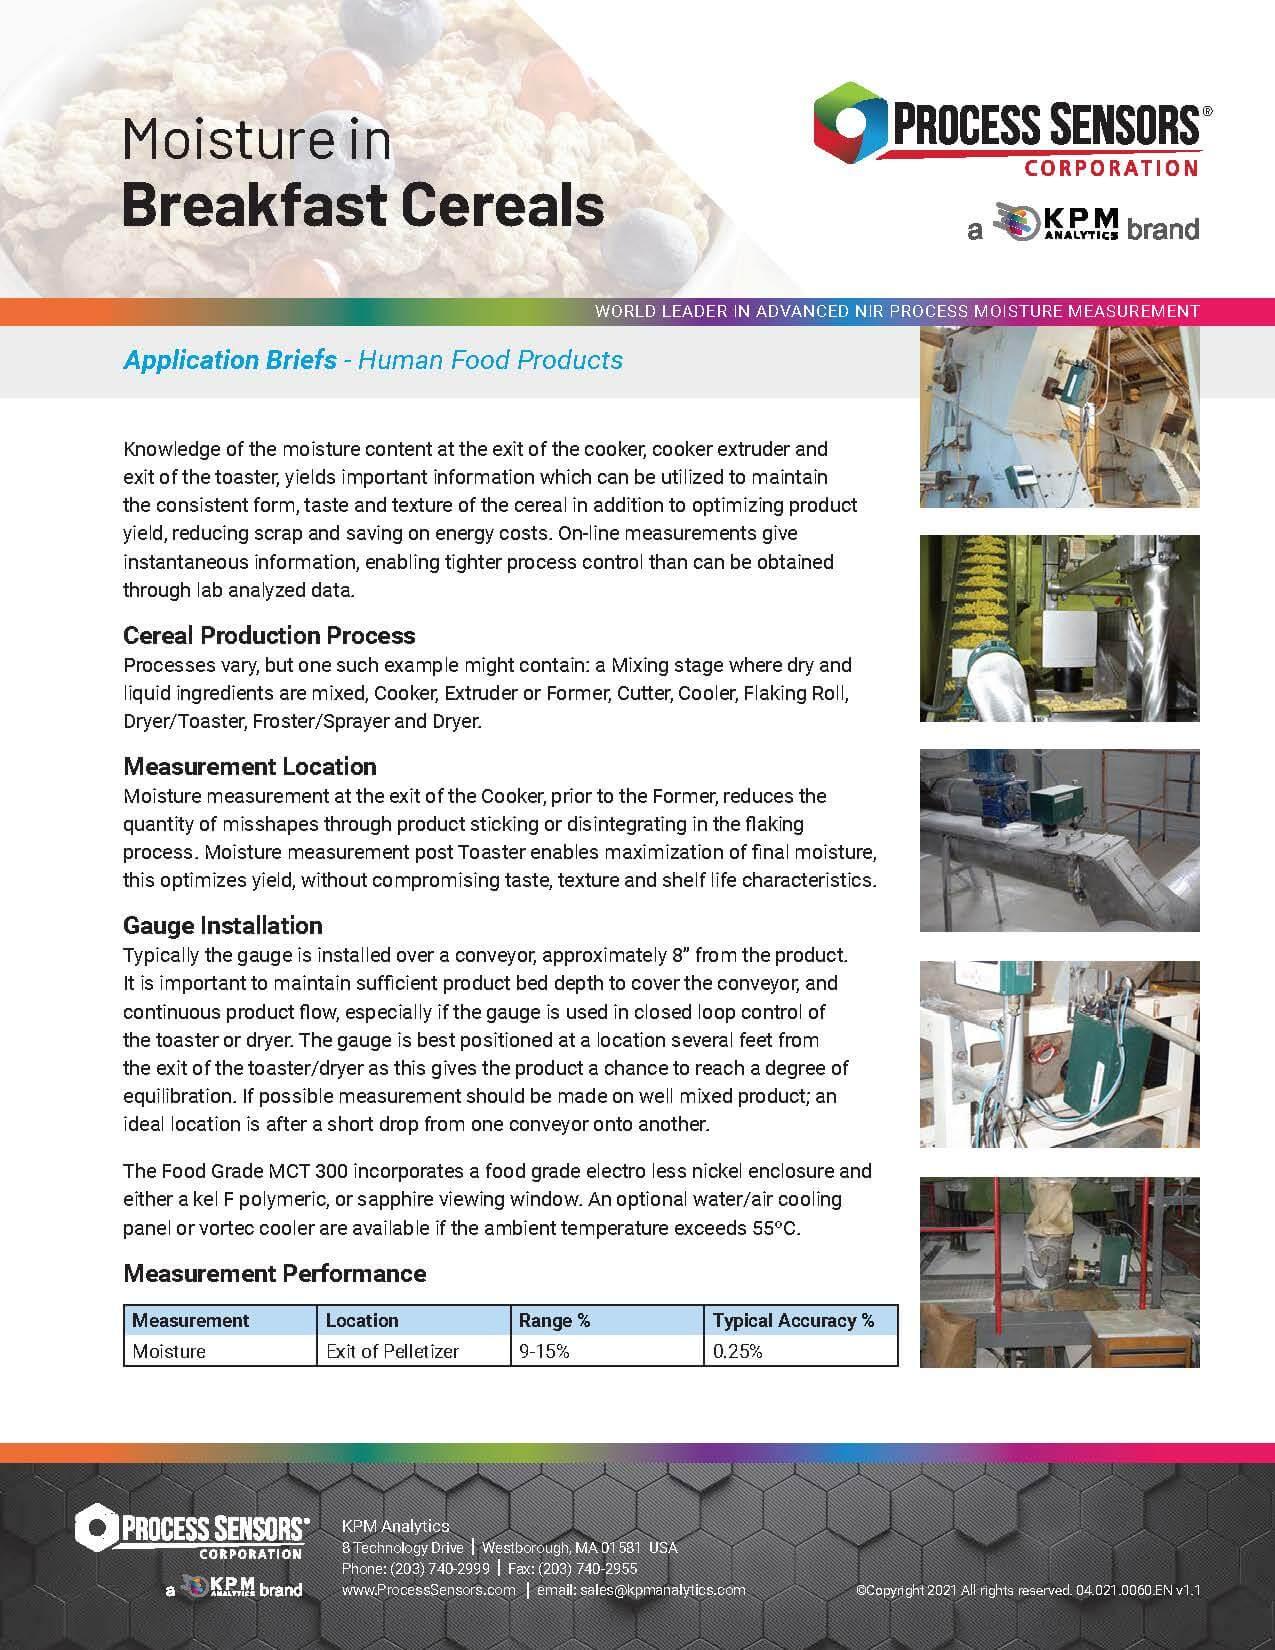 Moisture in Breakfast Cereals